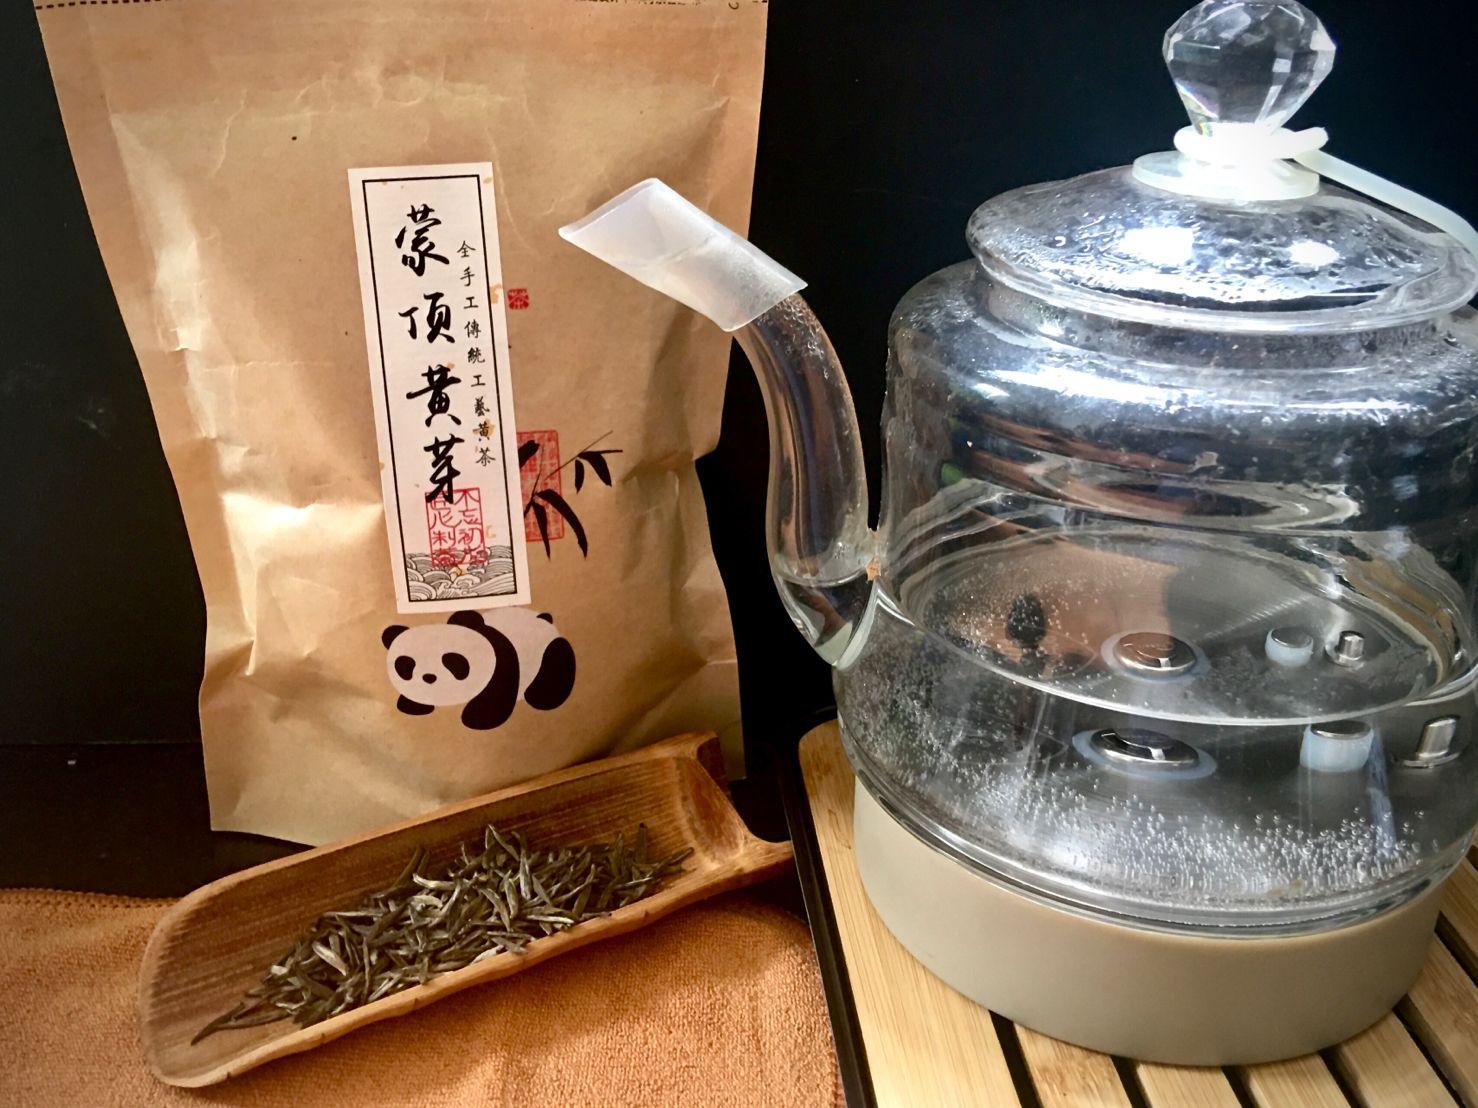 Méndǐng Huáng Yá Chá, 蒙顶黄芽茶, Mending Yellow Bud Tea